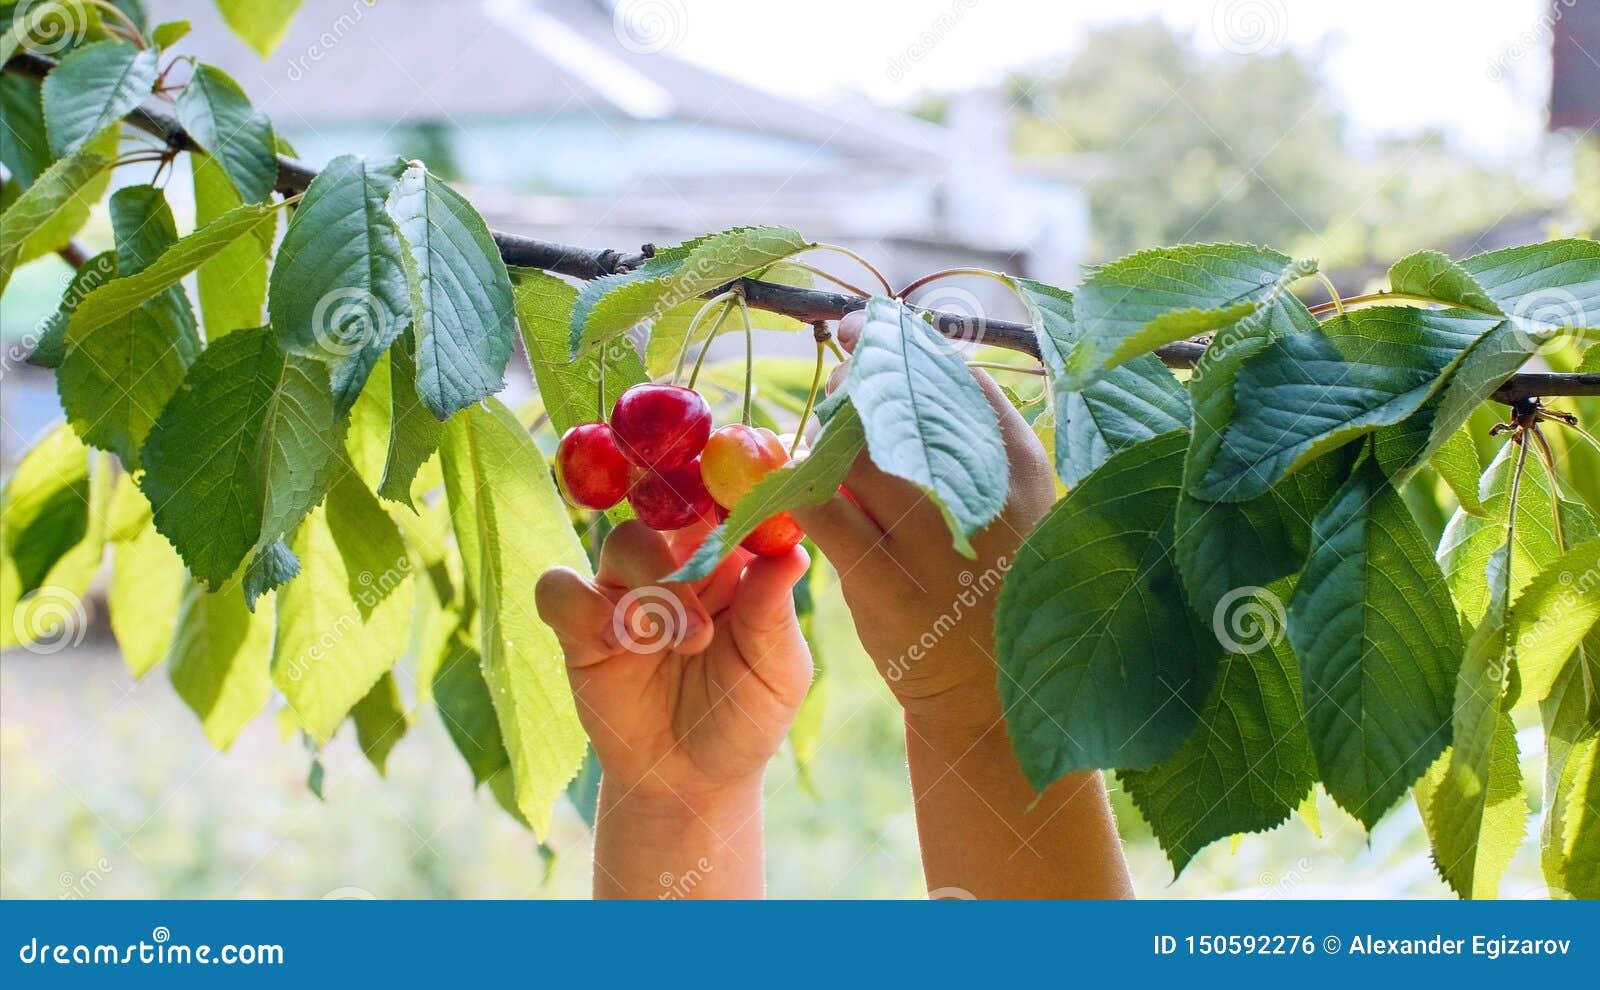 As mãos da criança arrancam cerejas de um ramo